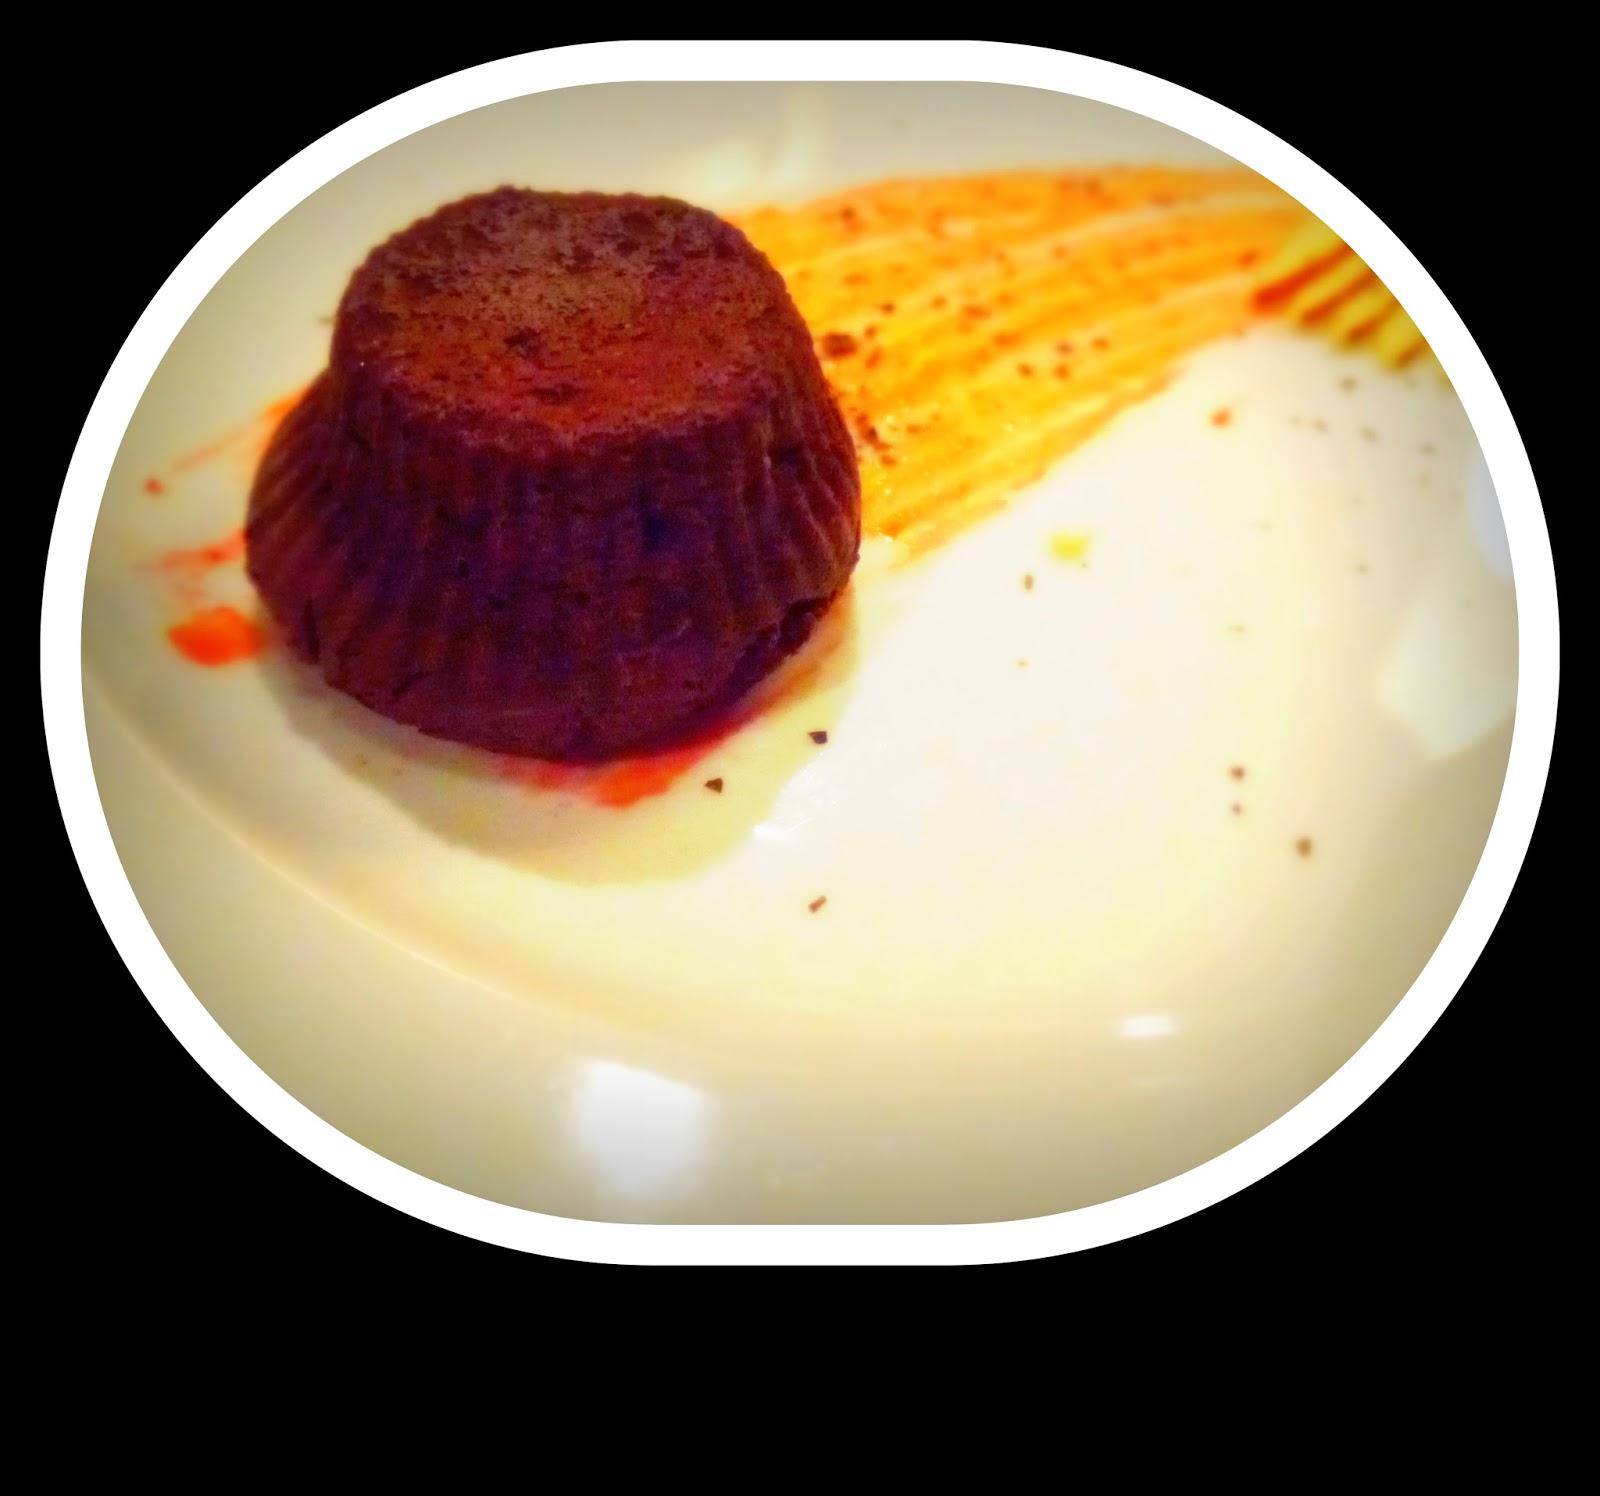 Restauracja wegetariańska, wegańska, bezglutenowa, Wielopole 3, czekoladowa babeczka z płynnym wnętrzem